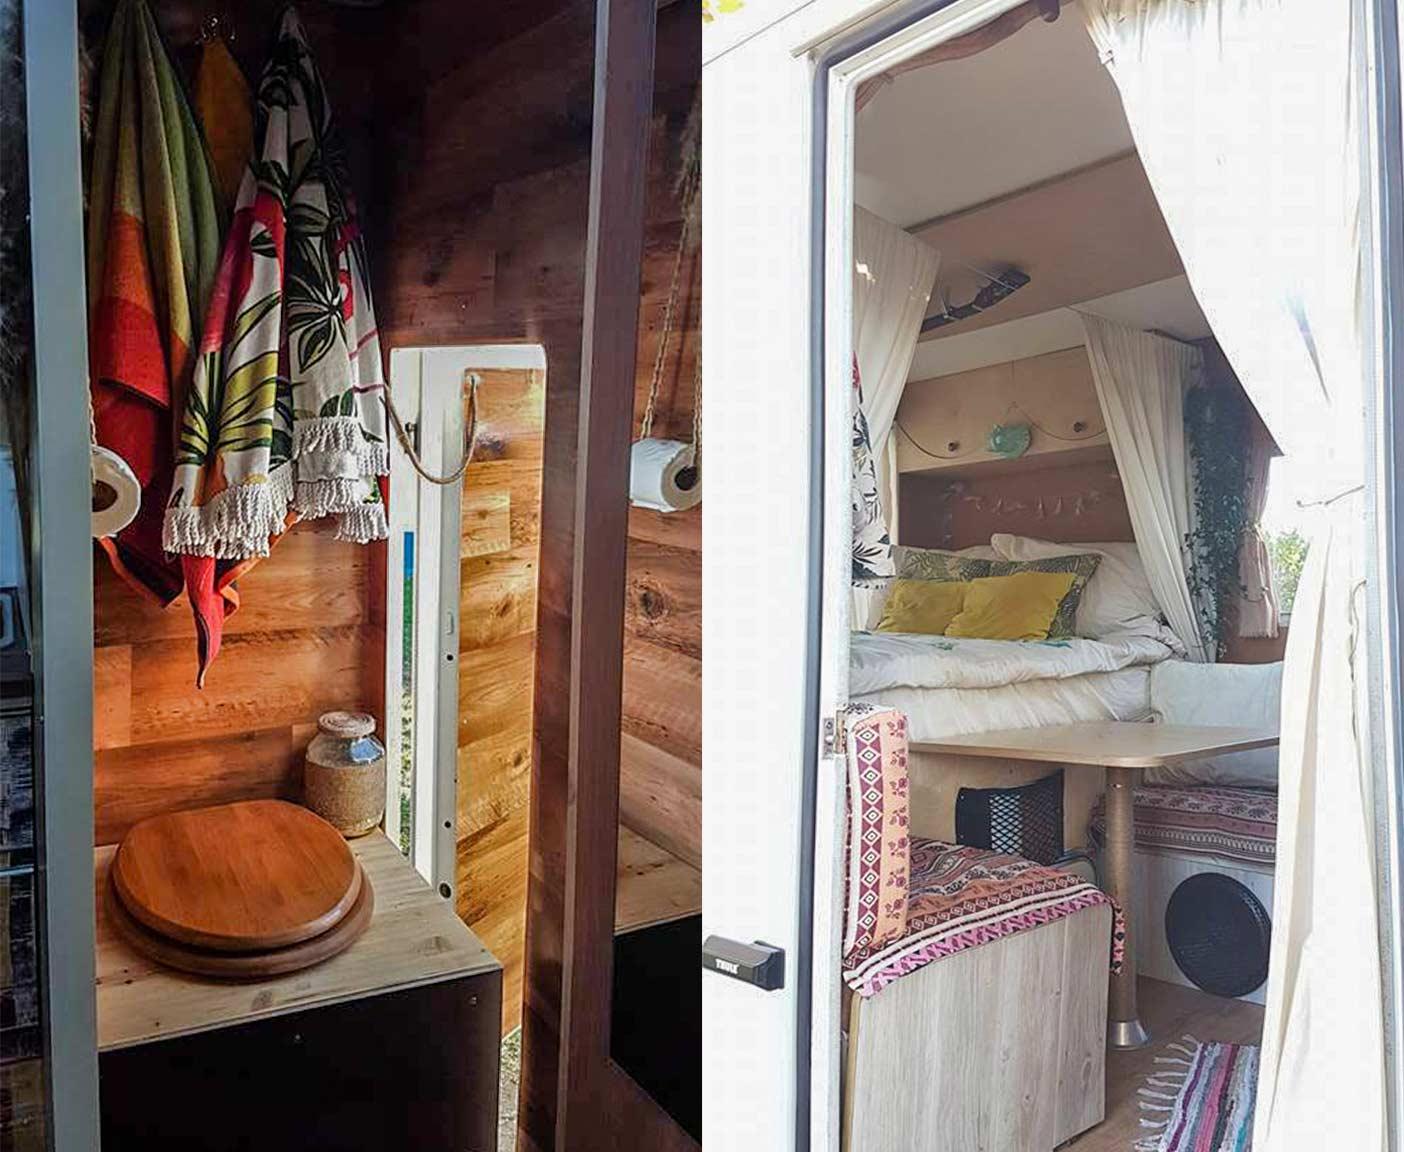 sprinter wohnmobil selbstausbau der sprinter als basis f r den ausbau. Black Bedroom Furniture Sets. Home Design Ideas